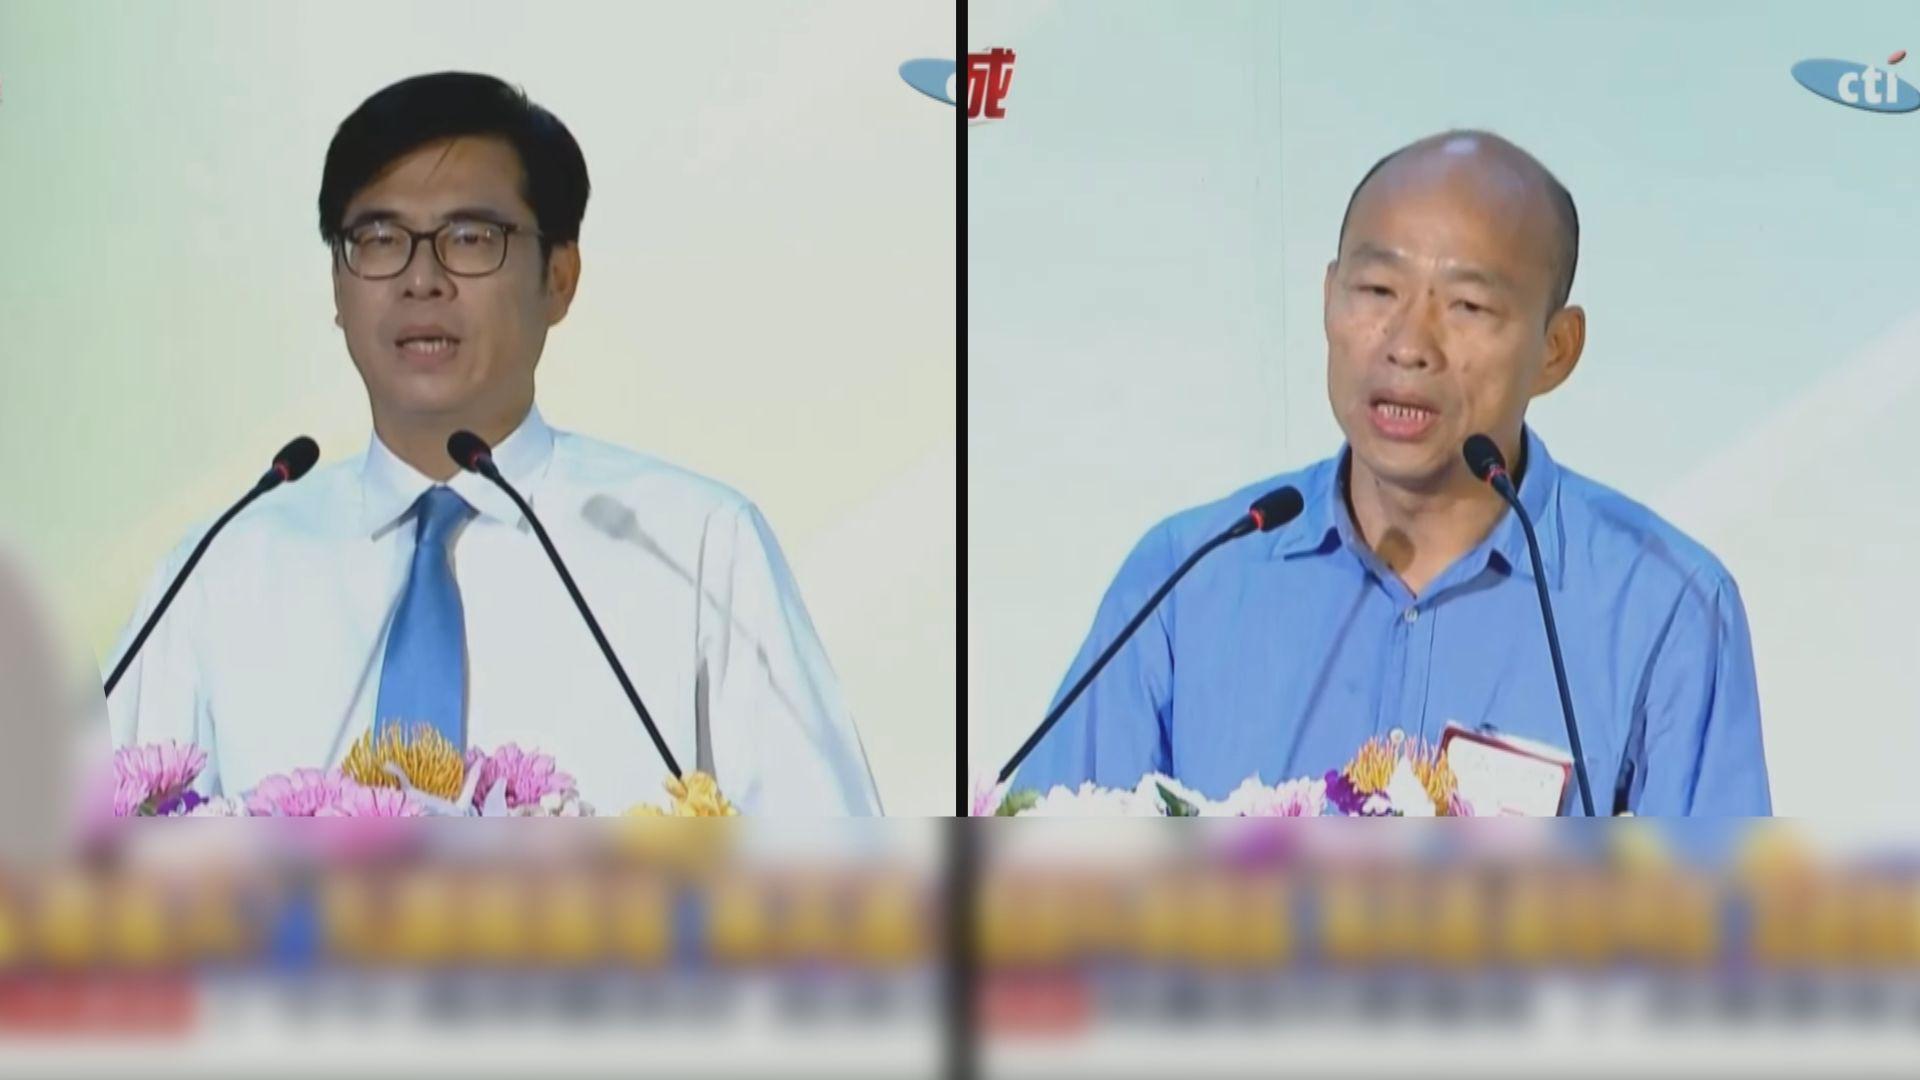 台灣九合一選舉 高雄市長的選情競爭激烈